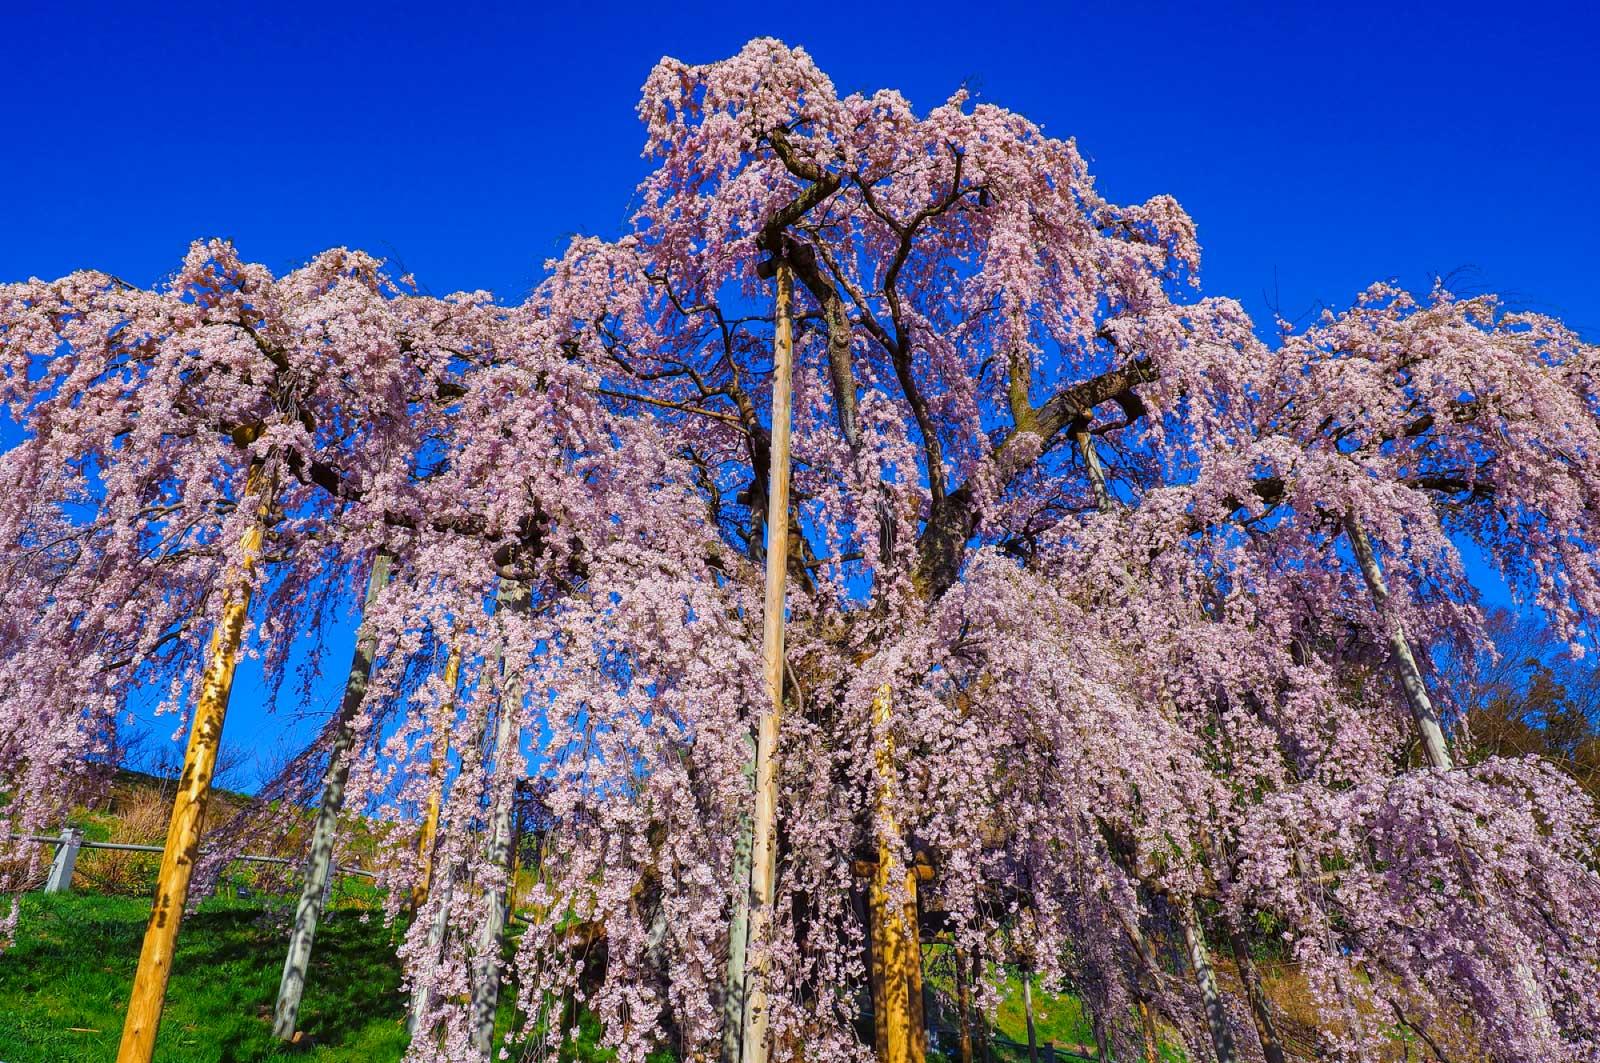 四方八方に伸びた枝から桜が枝垂れている